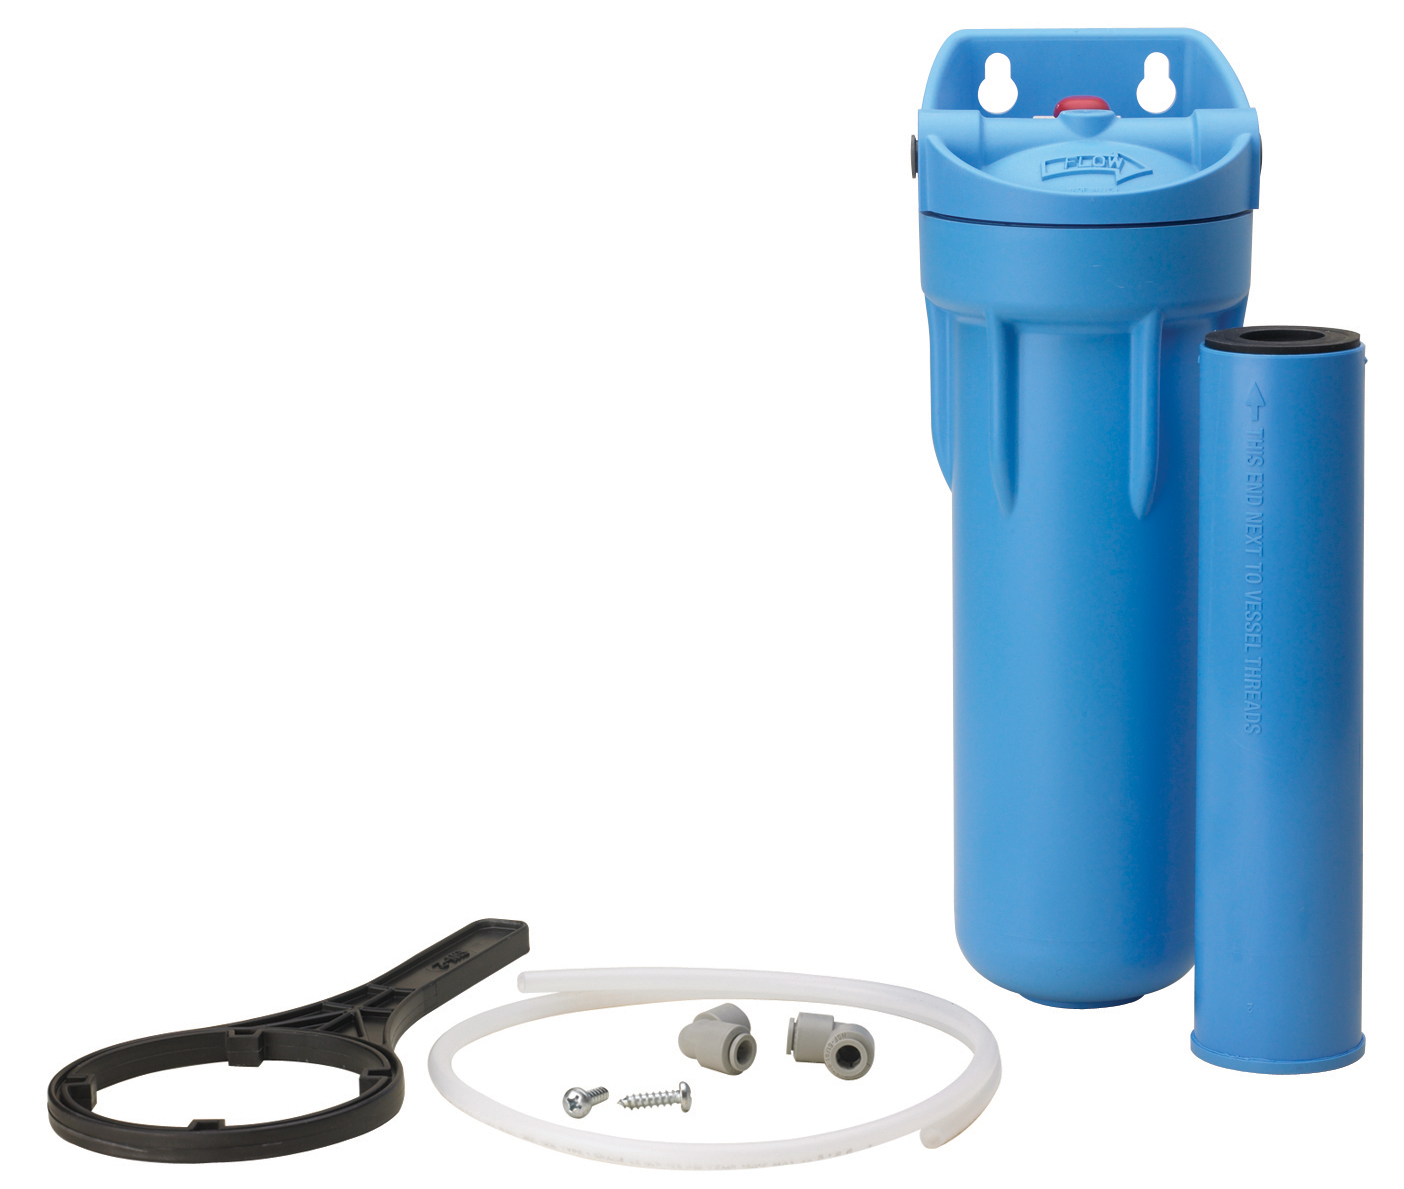 flotec usm2 s s06 under sink super water filter